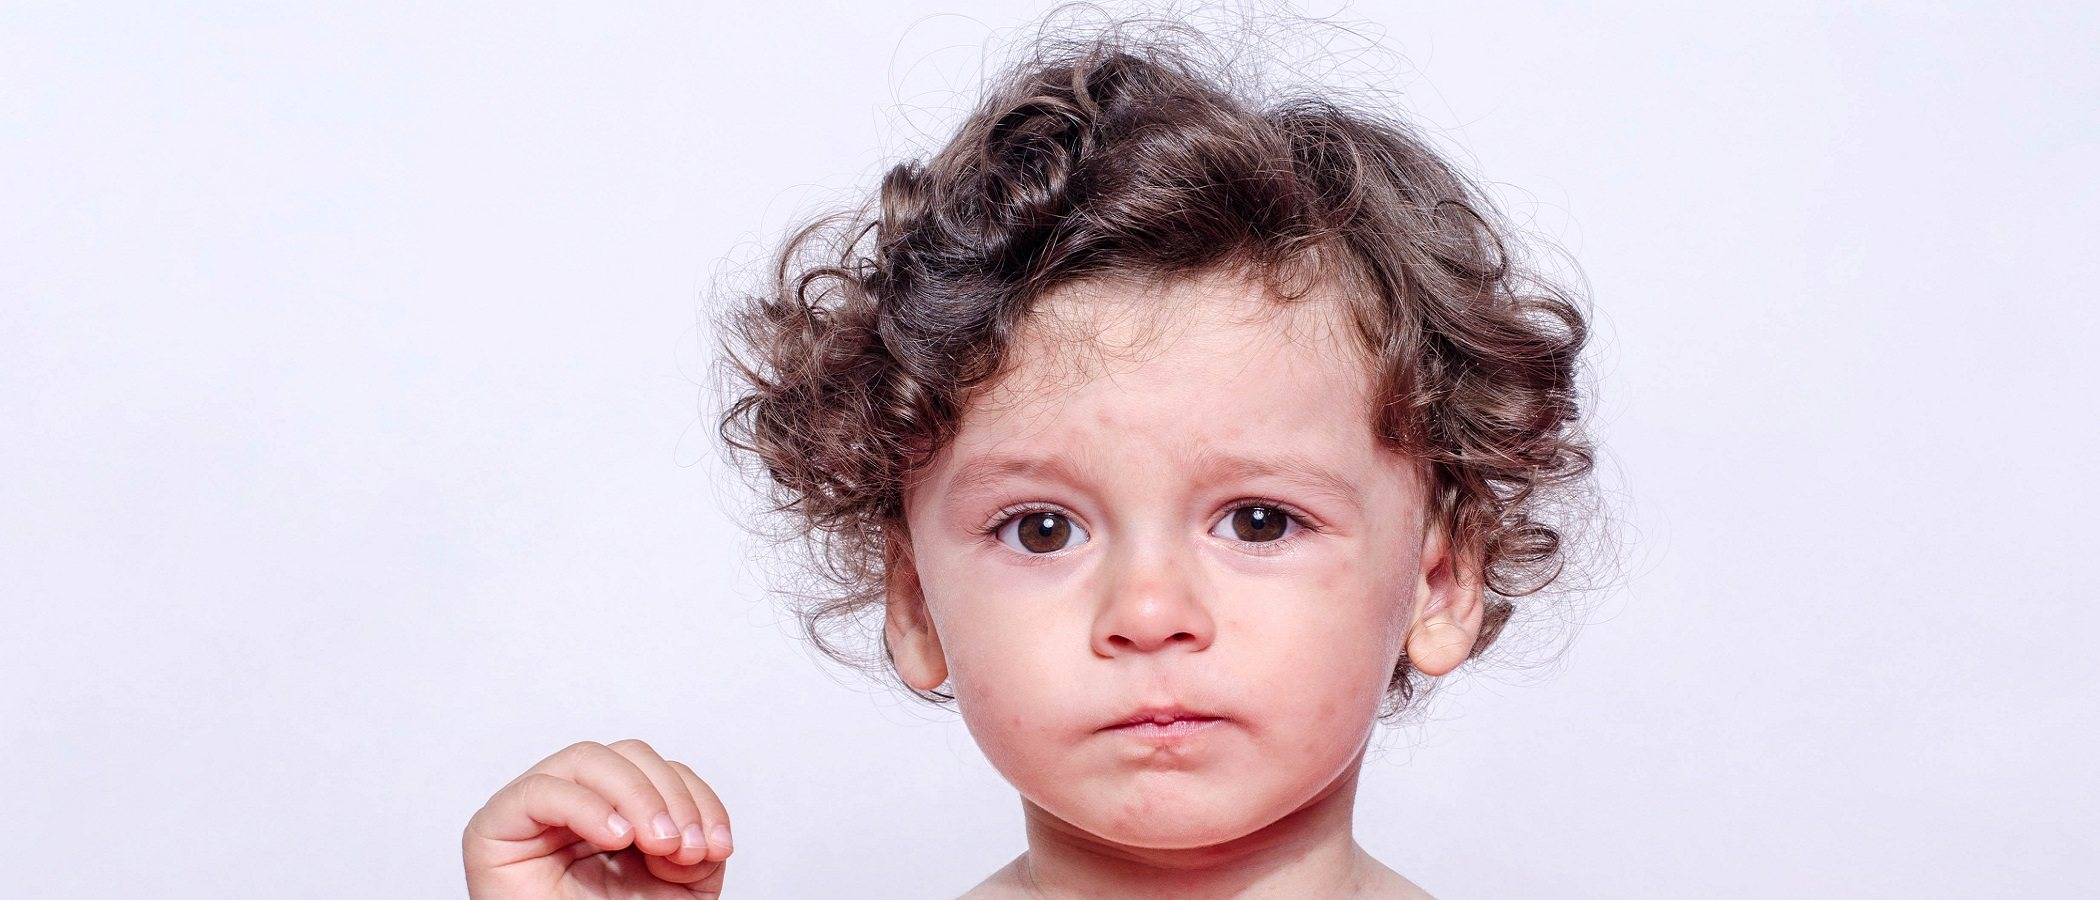 Erupción del cuero cabelludo en niños pequeños